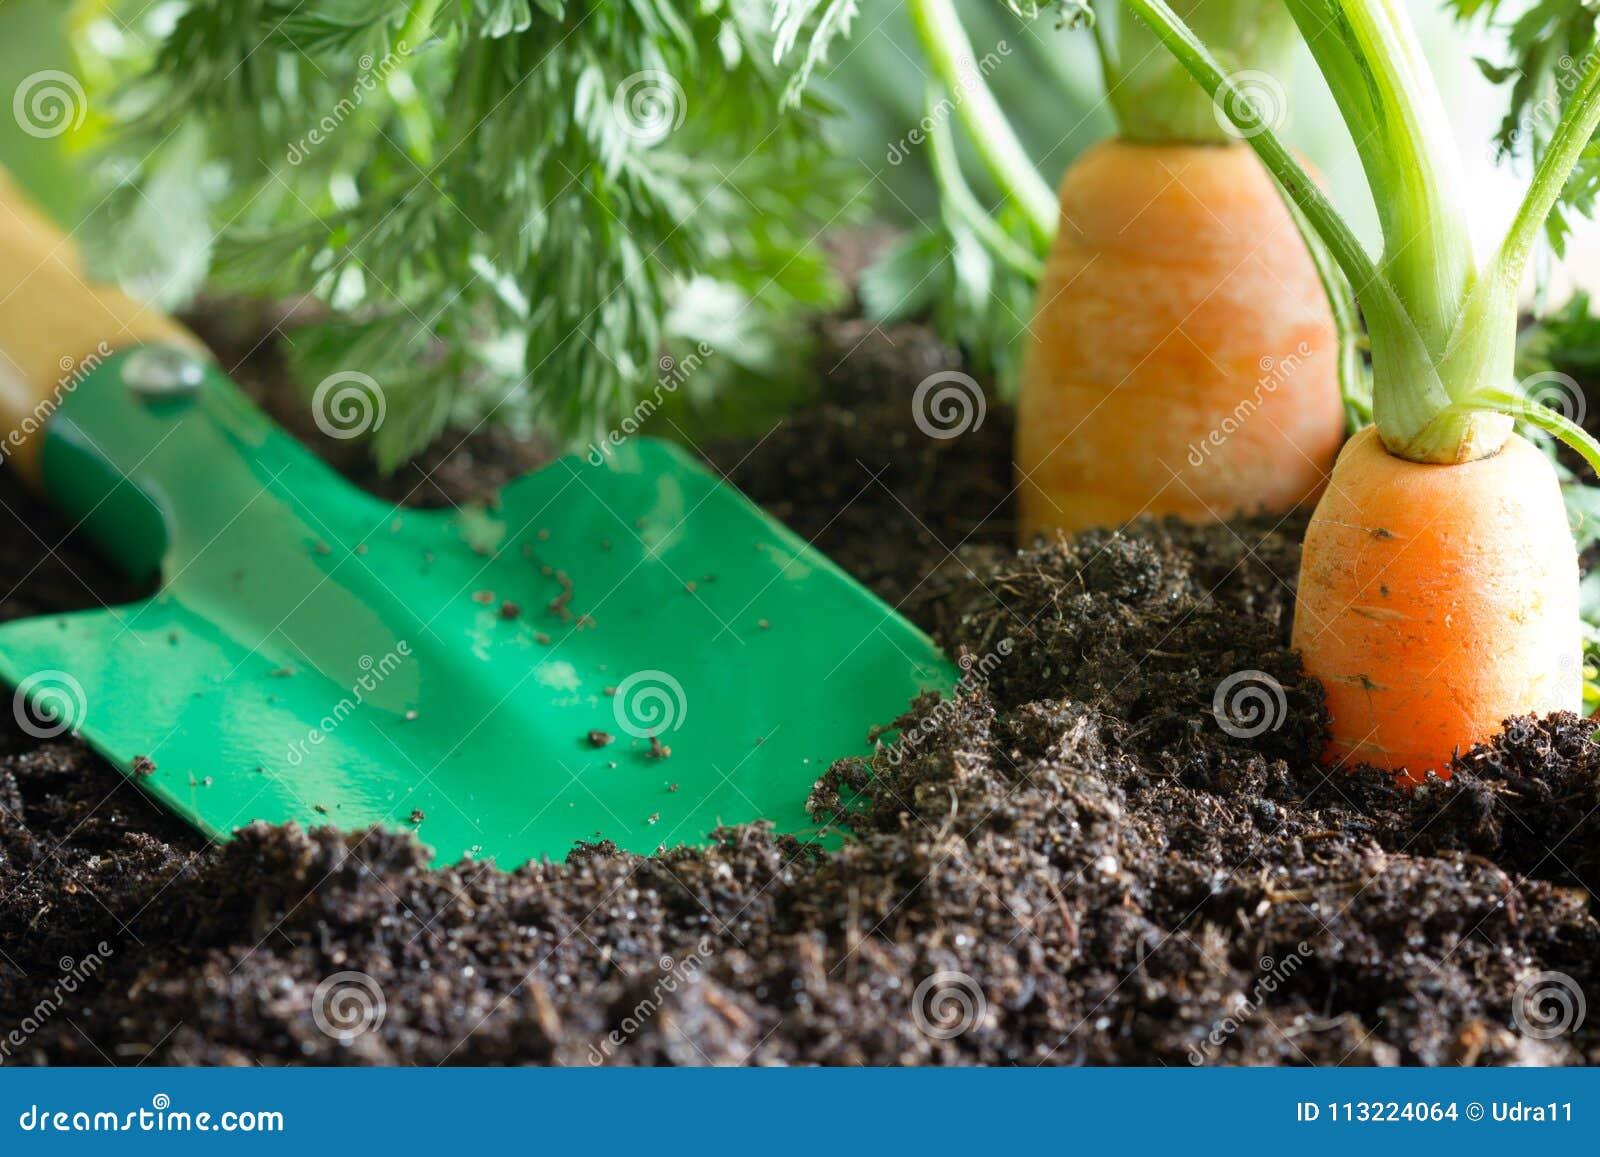 Los utensilios de jardinería y la zanahoria en el suelo resumen el fondo de la primavera